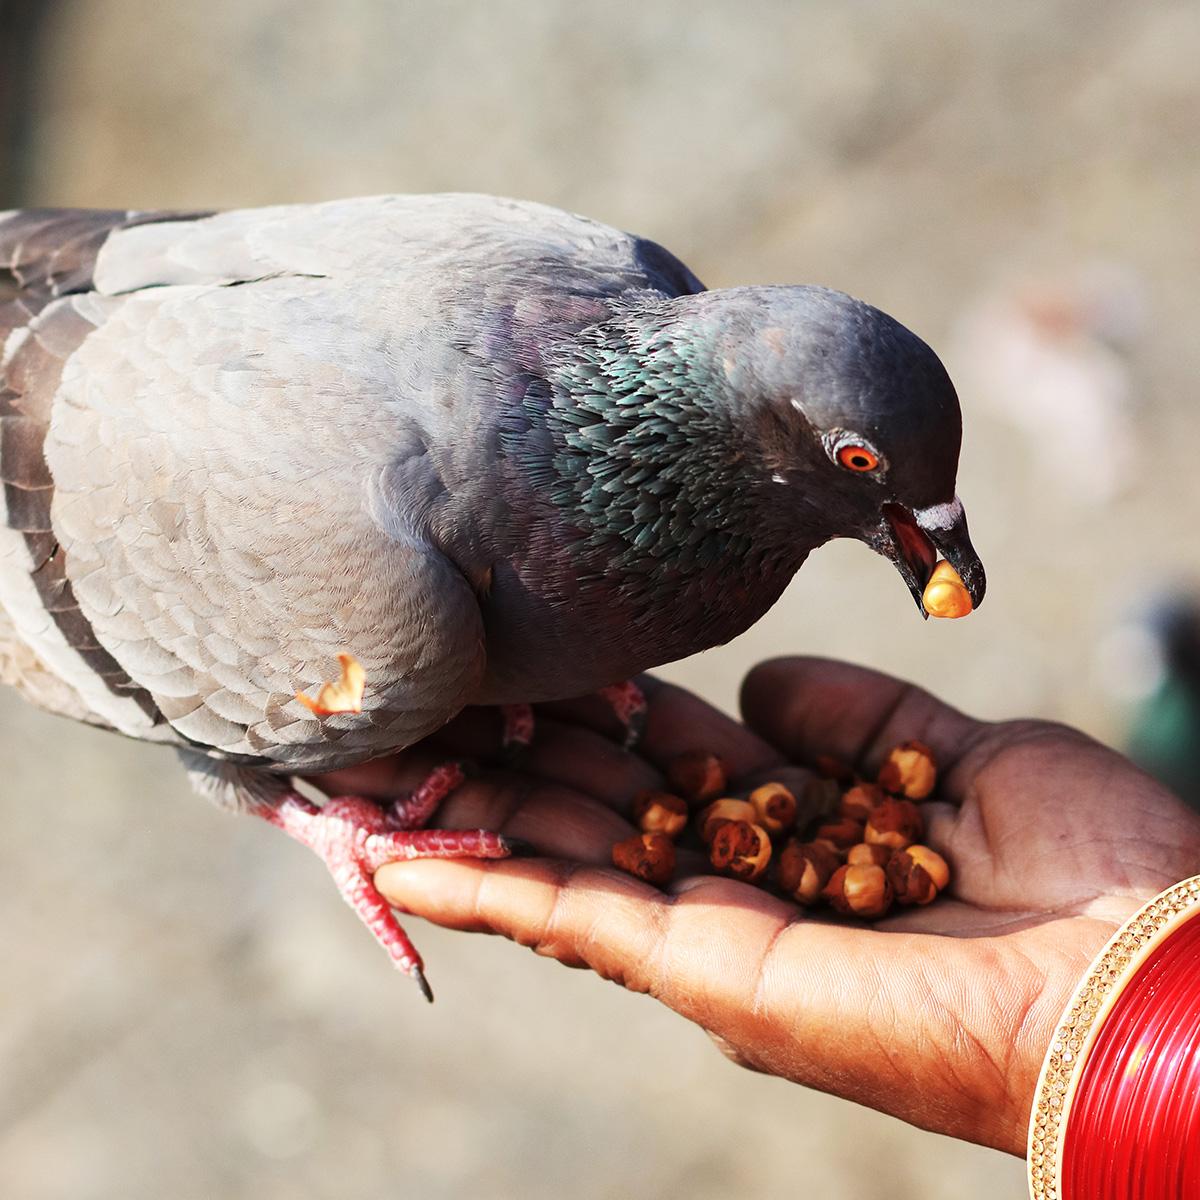 doneer duivenvoer aan de duifjes van het dierenthuisje